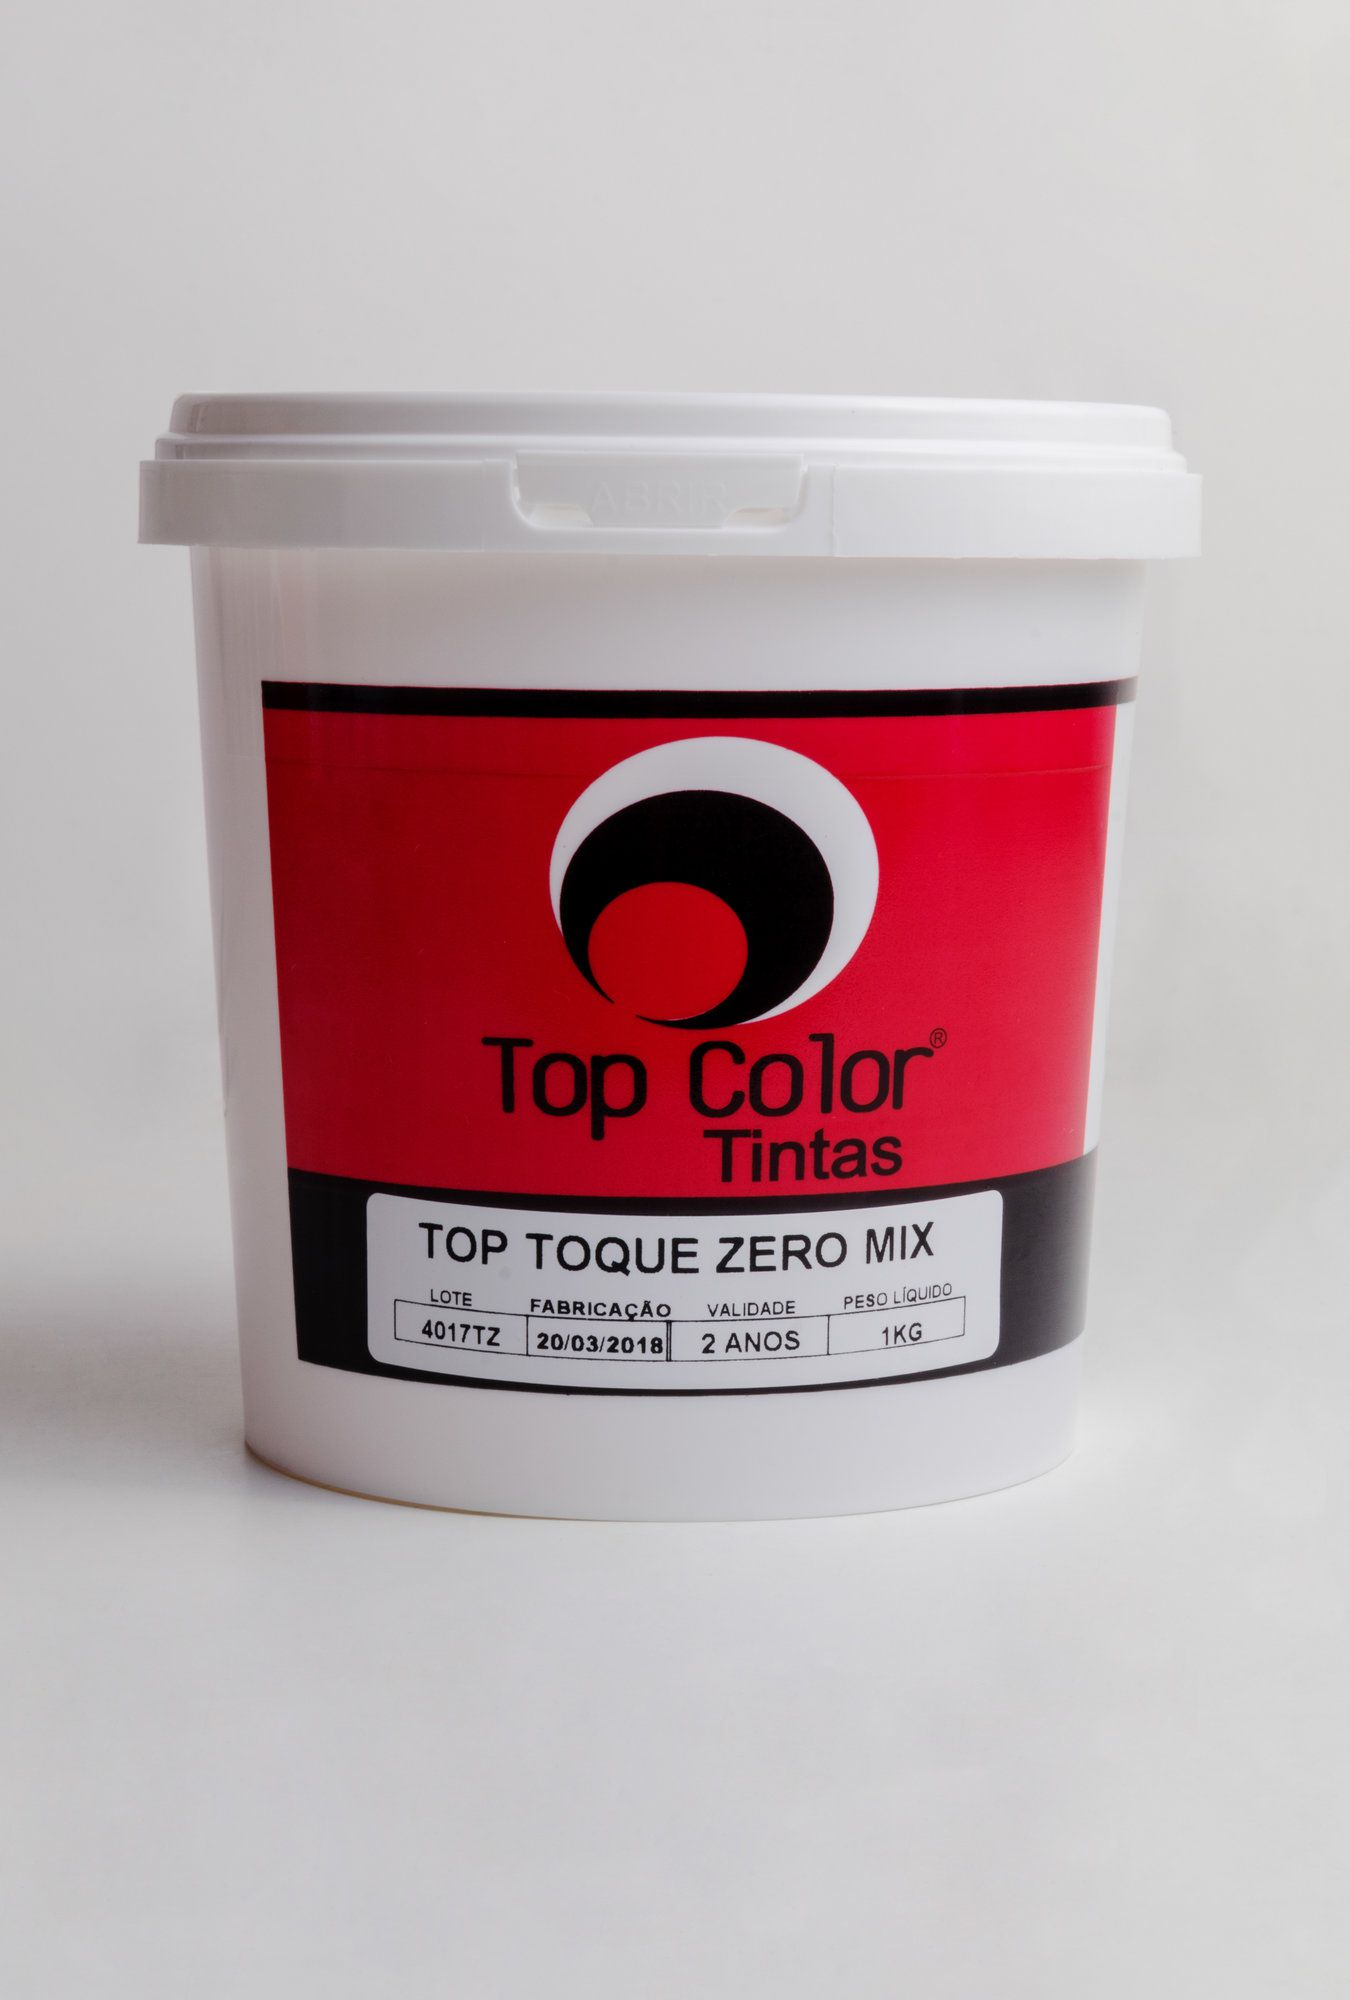 Top toque zero mix - 1kg